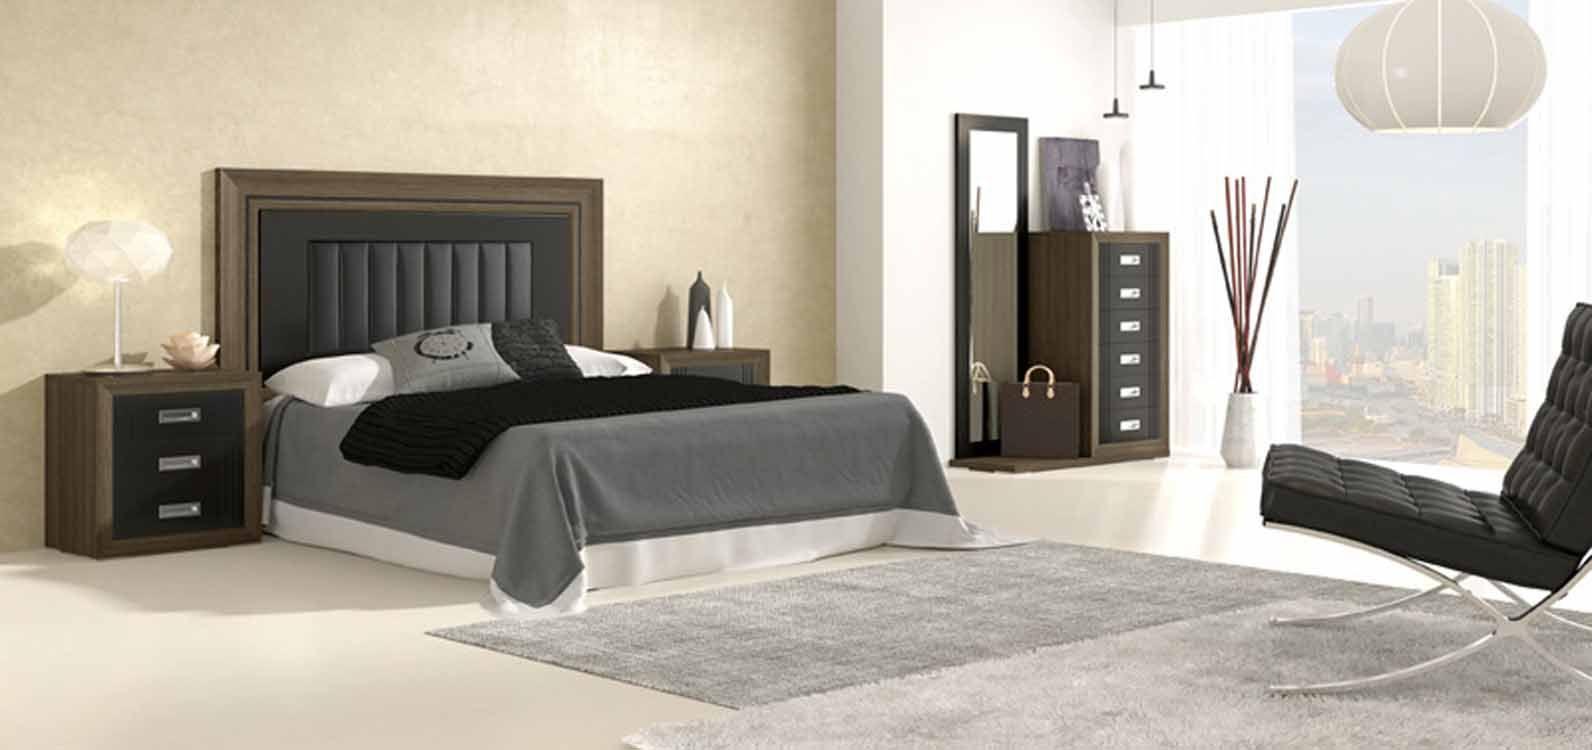 Muebles dormitorios nios simple mjuvenil c with muebles - Muebles sarria marchena ...